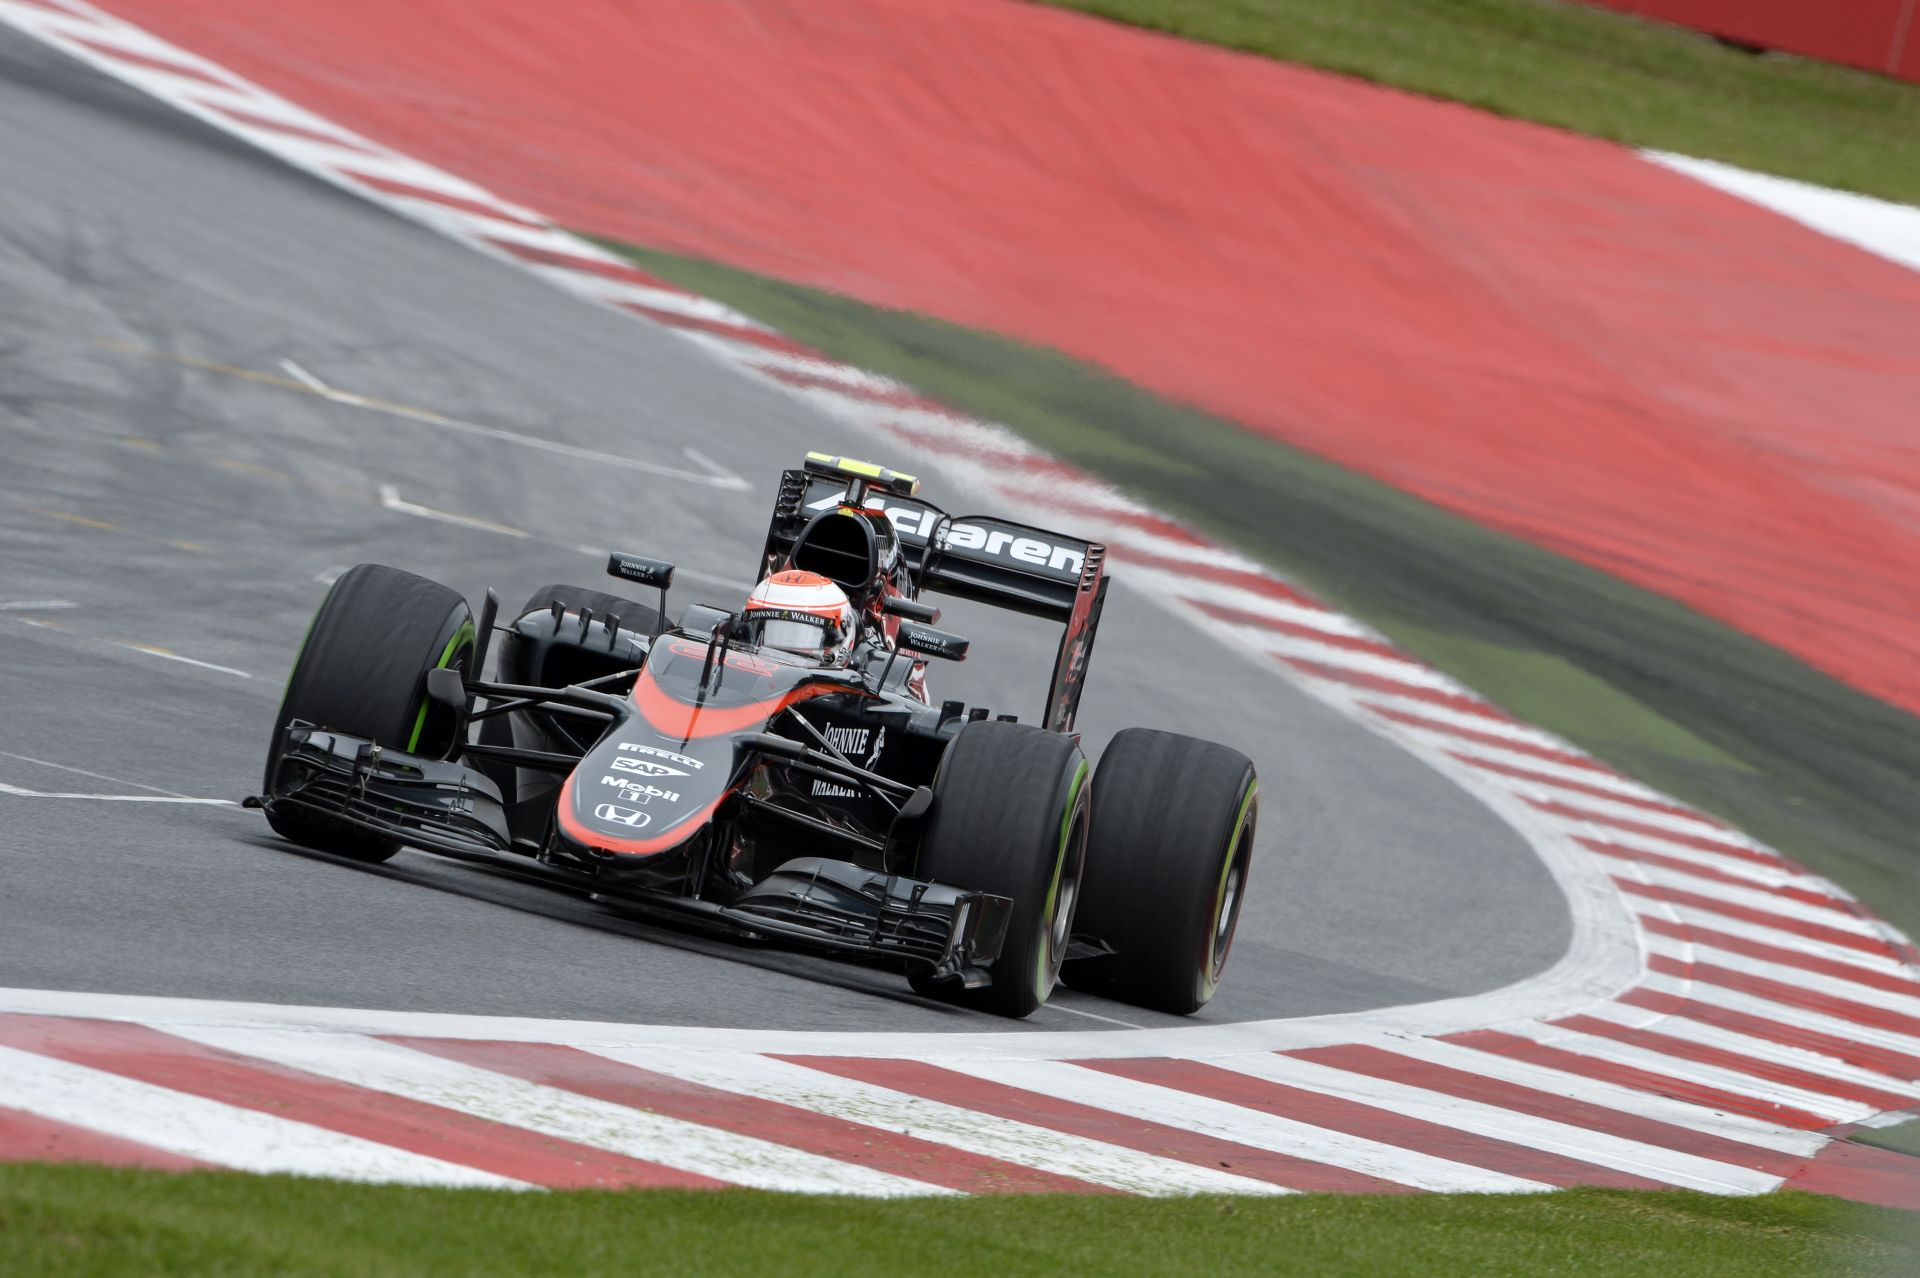 """Még a kanyarból kijőve sem nyomhatja a gázt Alonso, és Button: Egyelőre """"butácska"""" a McLaren-Honda autója"""